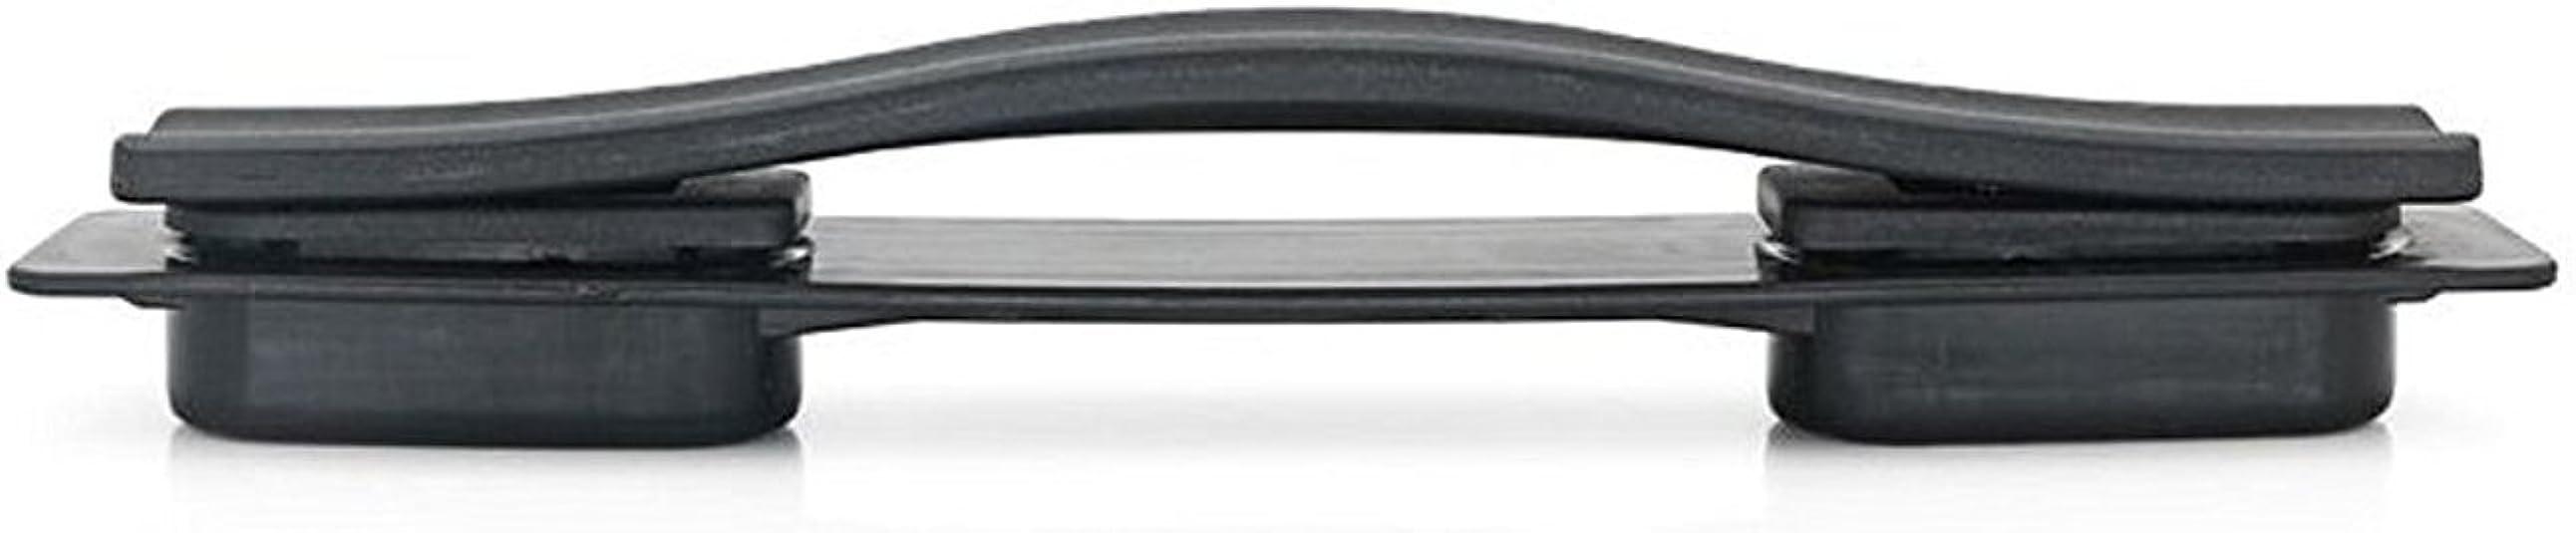 スーツケース ハンドル 取っ手 交換用 旅行の箱のグリップ キャリーボックス補修用ハンドル DIY 修理 代用品 取替え